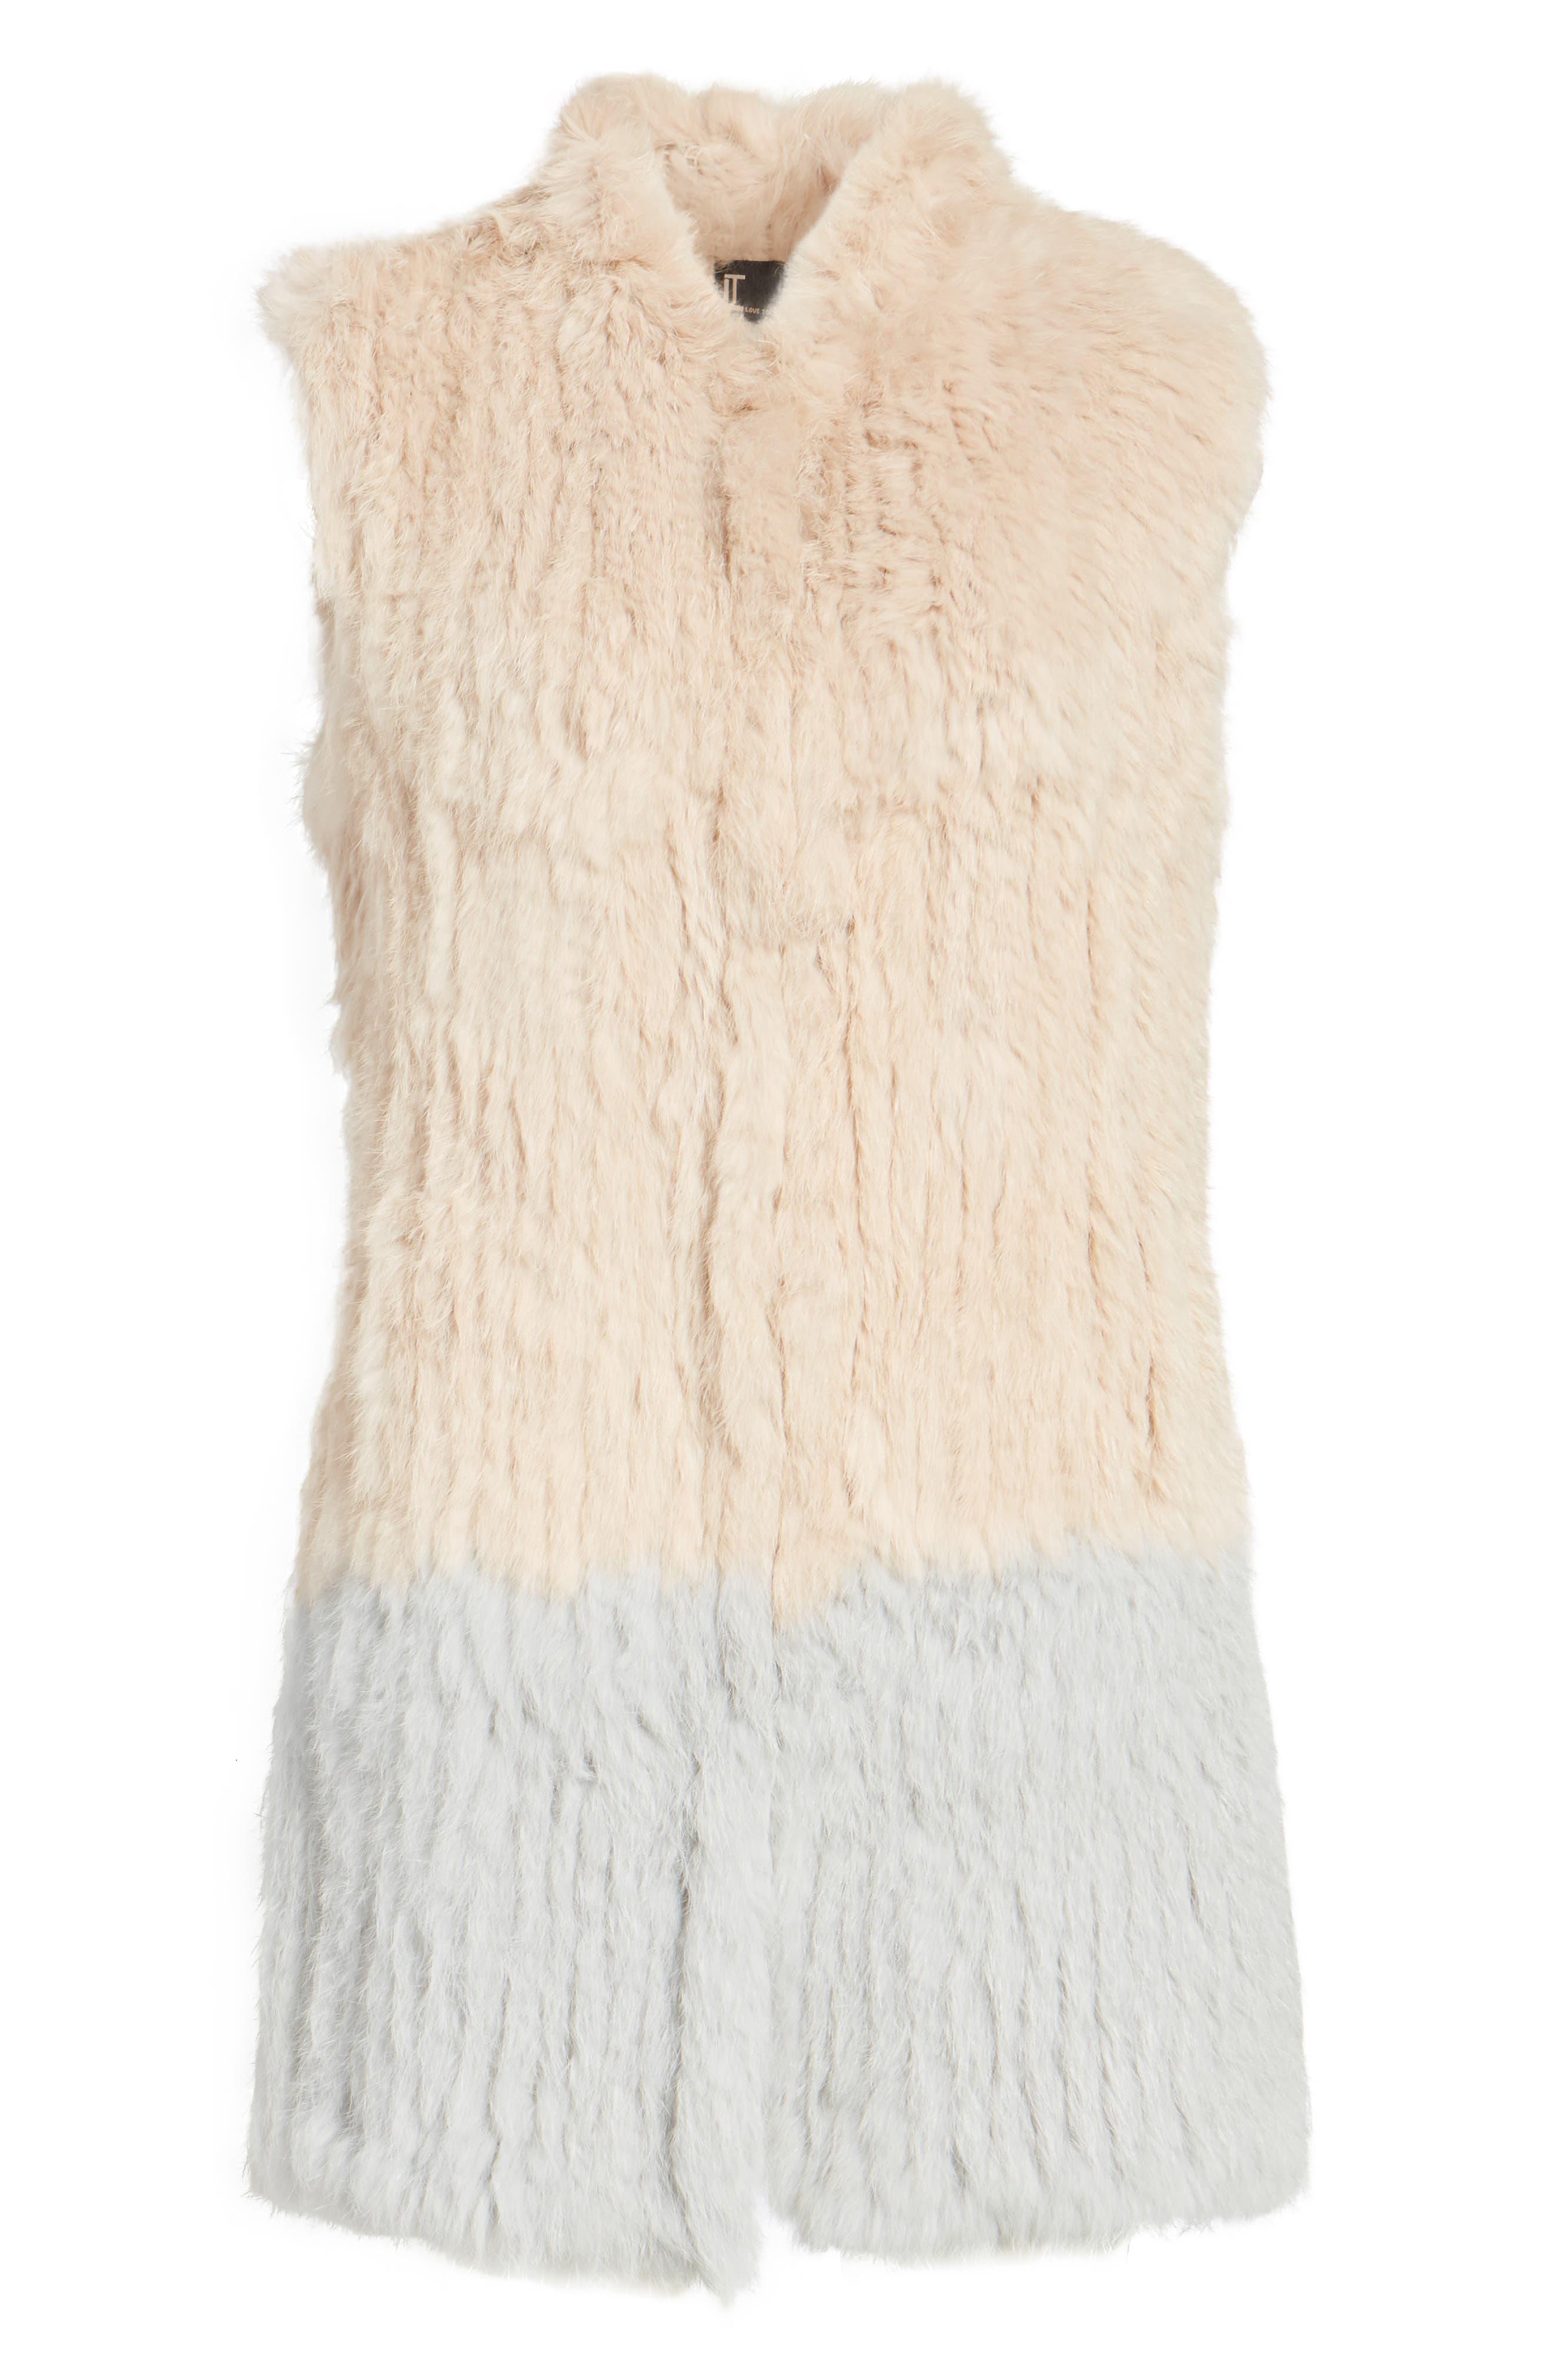 Clean Colorblock Genuine Rabbit Fur Vest,                             Alternate thumbnail 6, color,                             Blush/ Grey